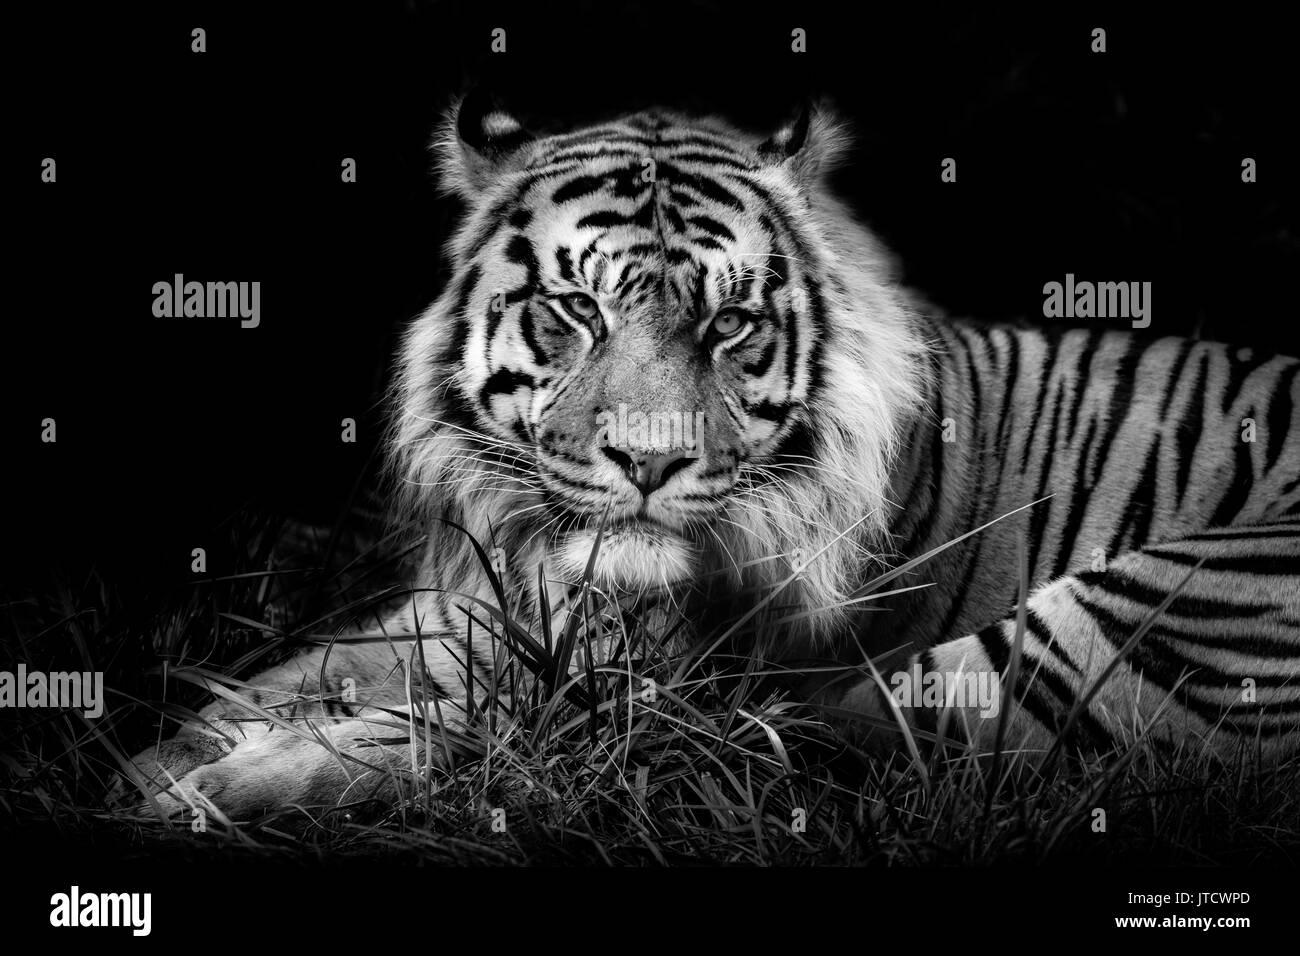 Tigre de Sumatra masculino contra un fondo negro Imagen De Stock